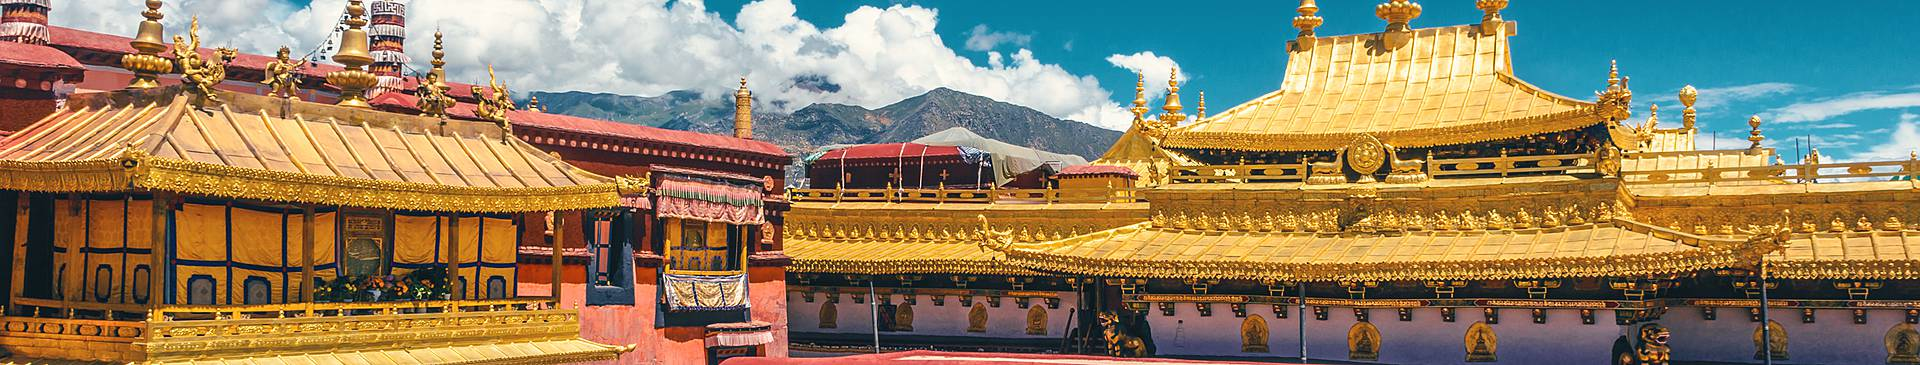 Cities in Tibet